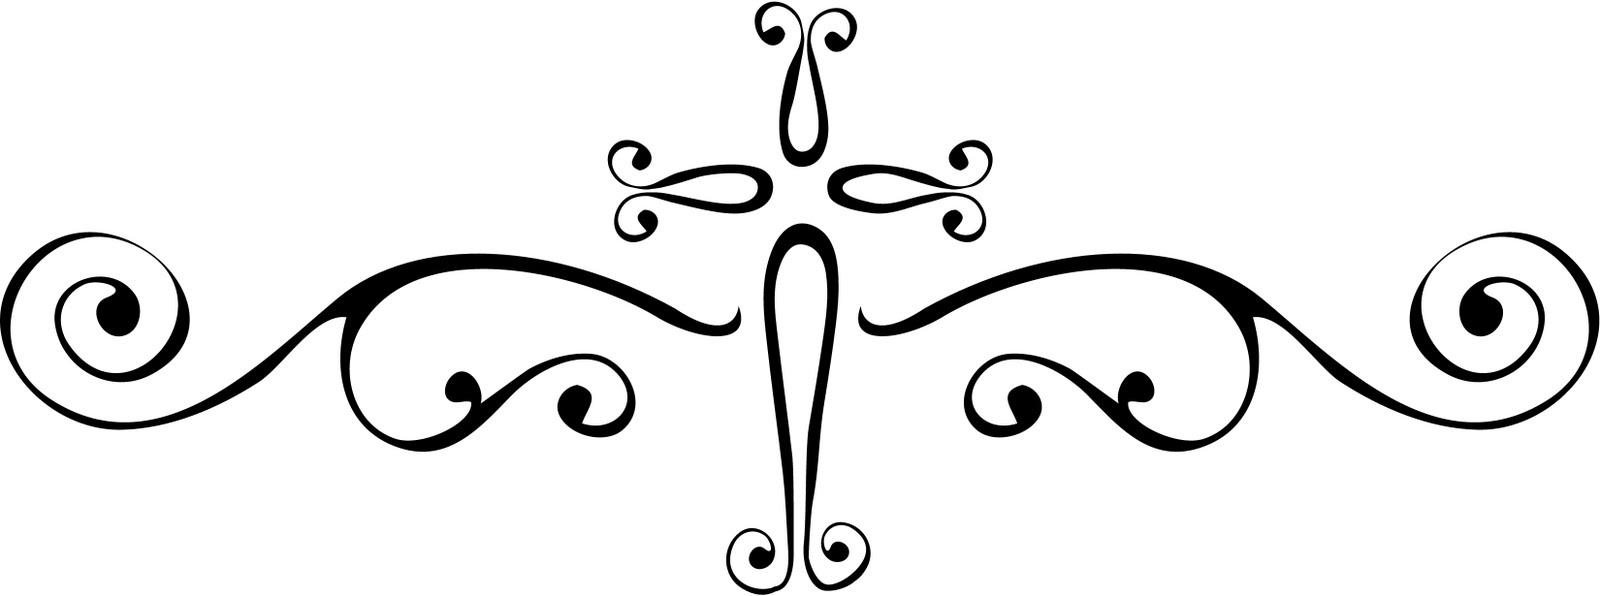 1600x596 Fancy Swirl Clipart